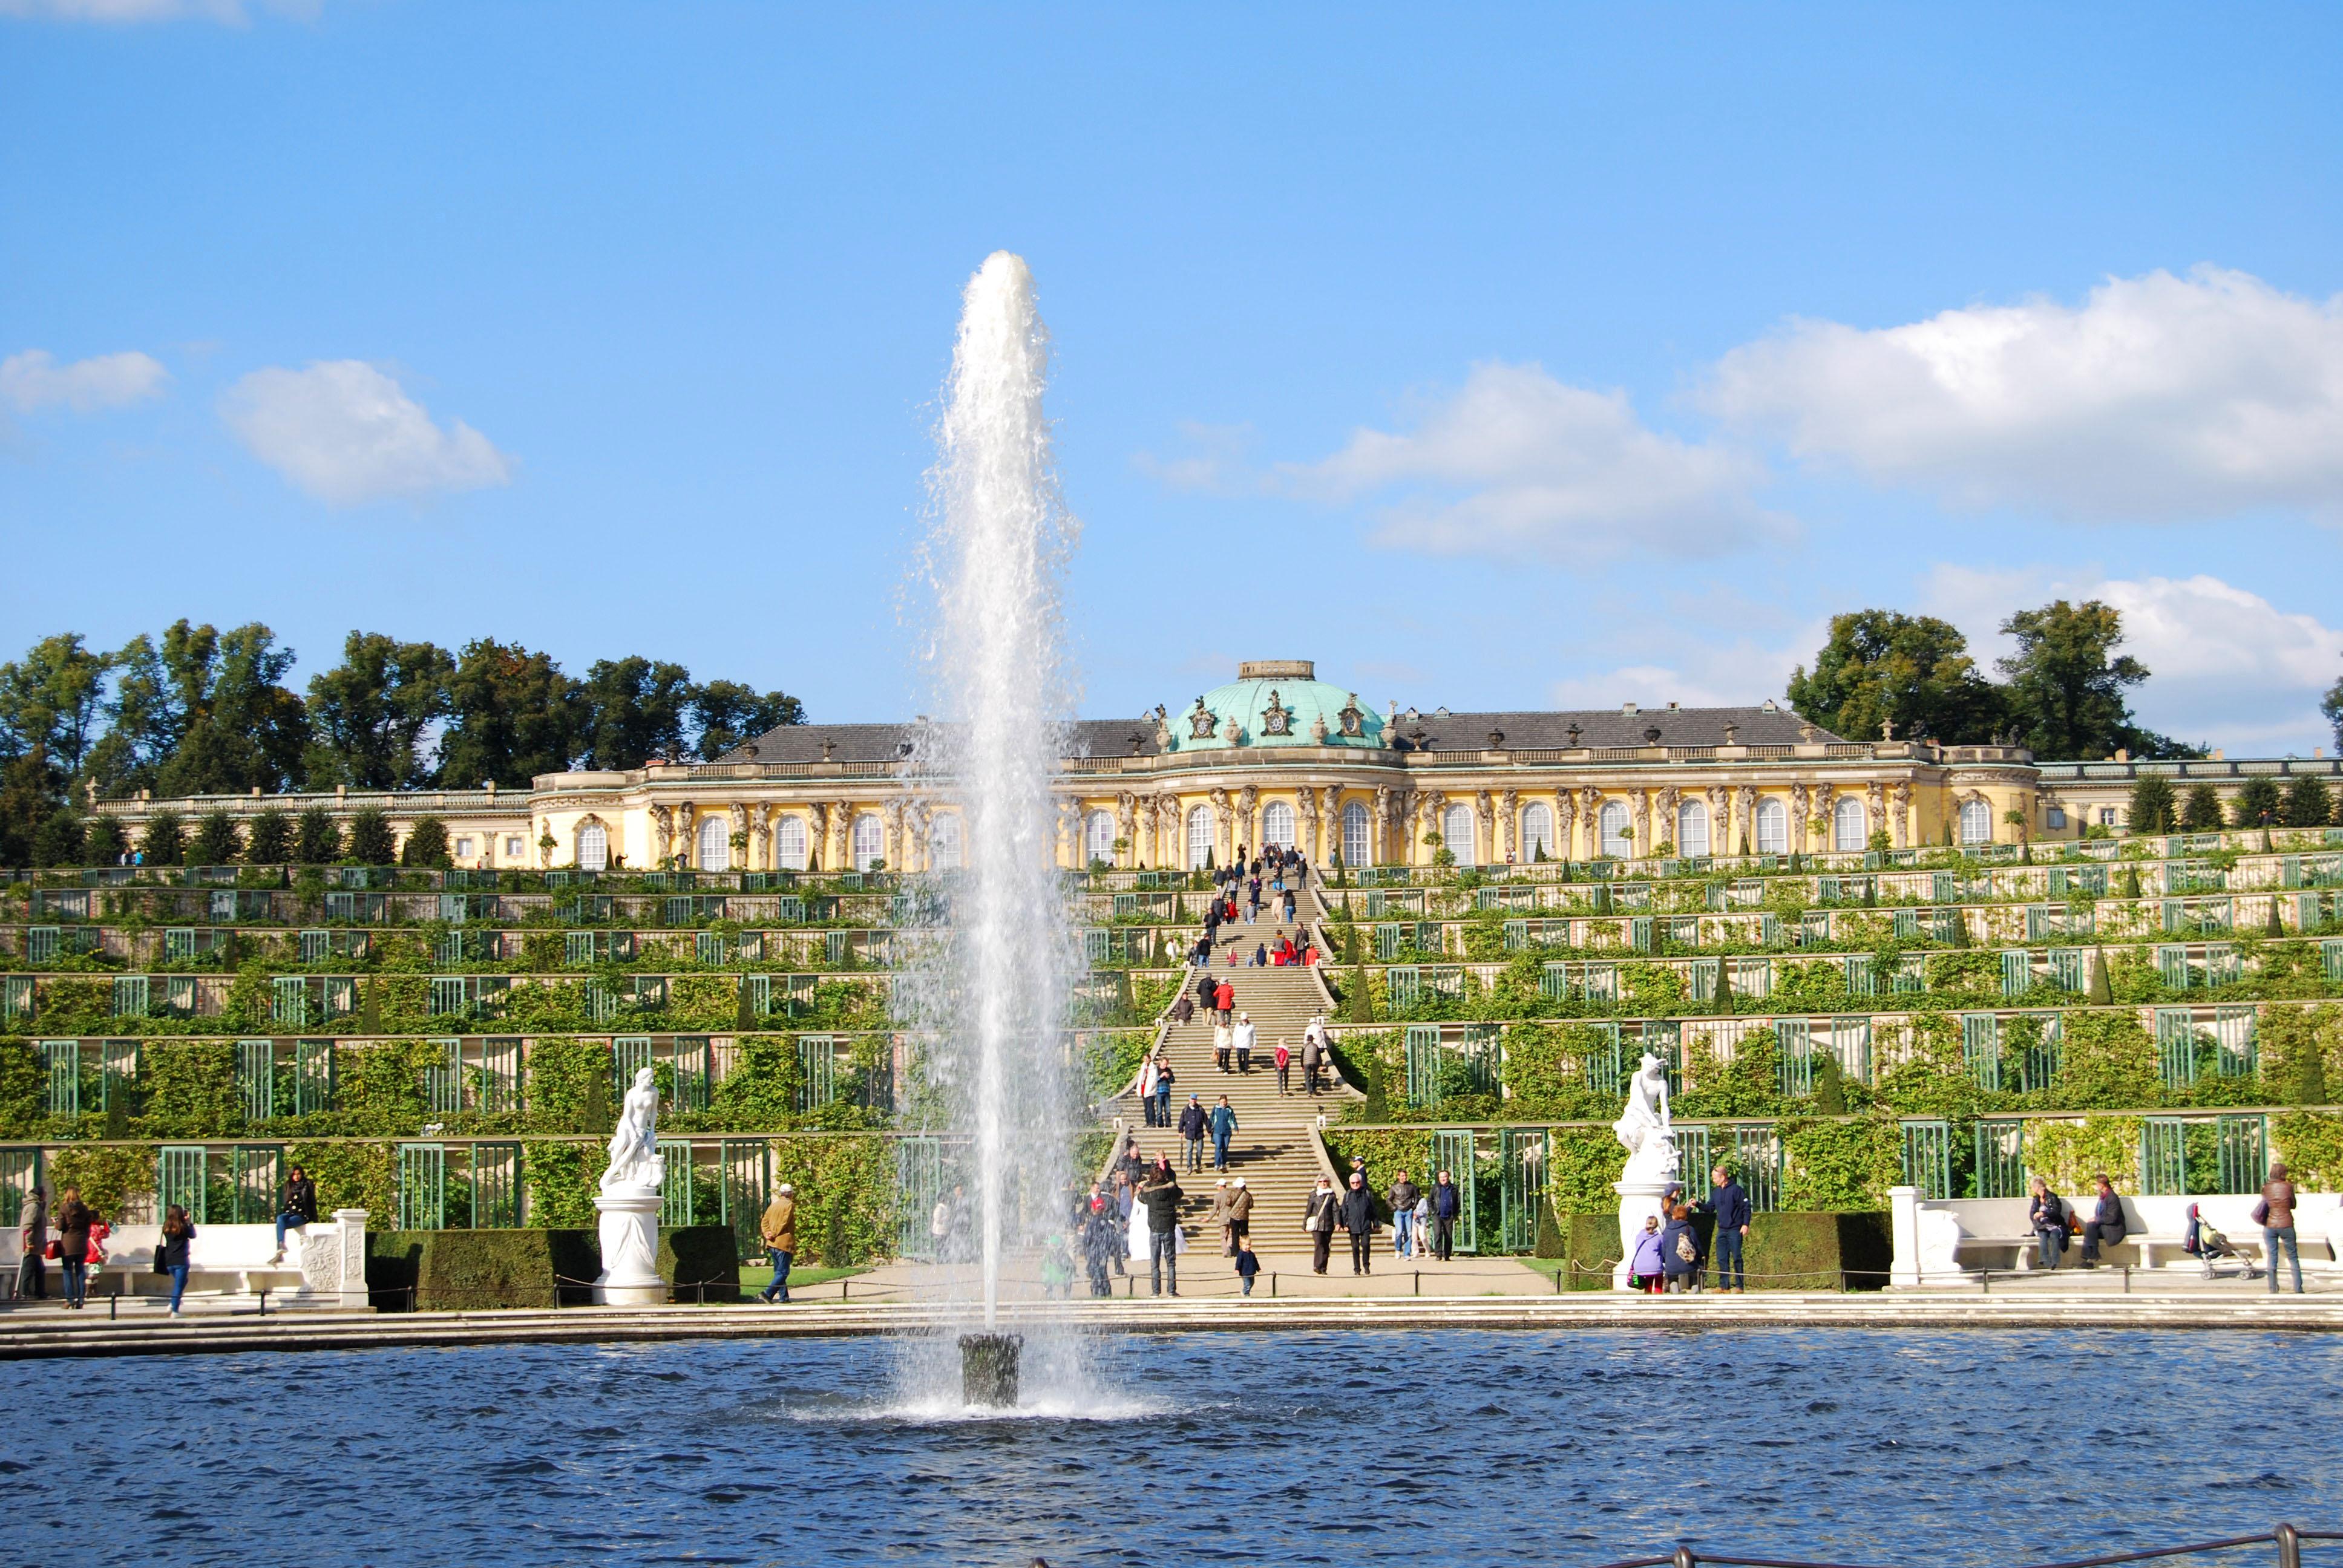 virginia-duran-blog-beautiful-berlin-photography-sanssouci-palace-by-georg-wenzeslaus-von-knobelsdorff